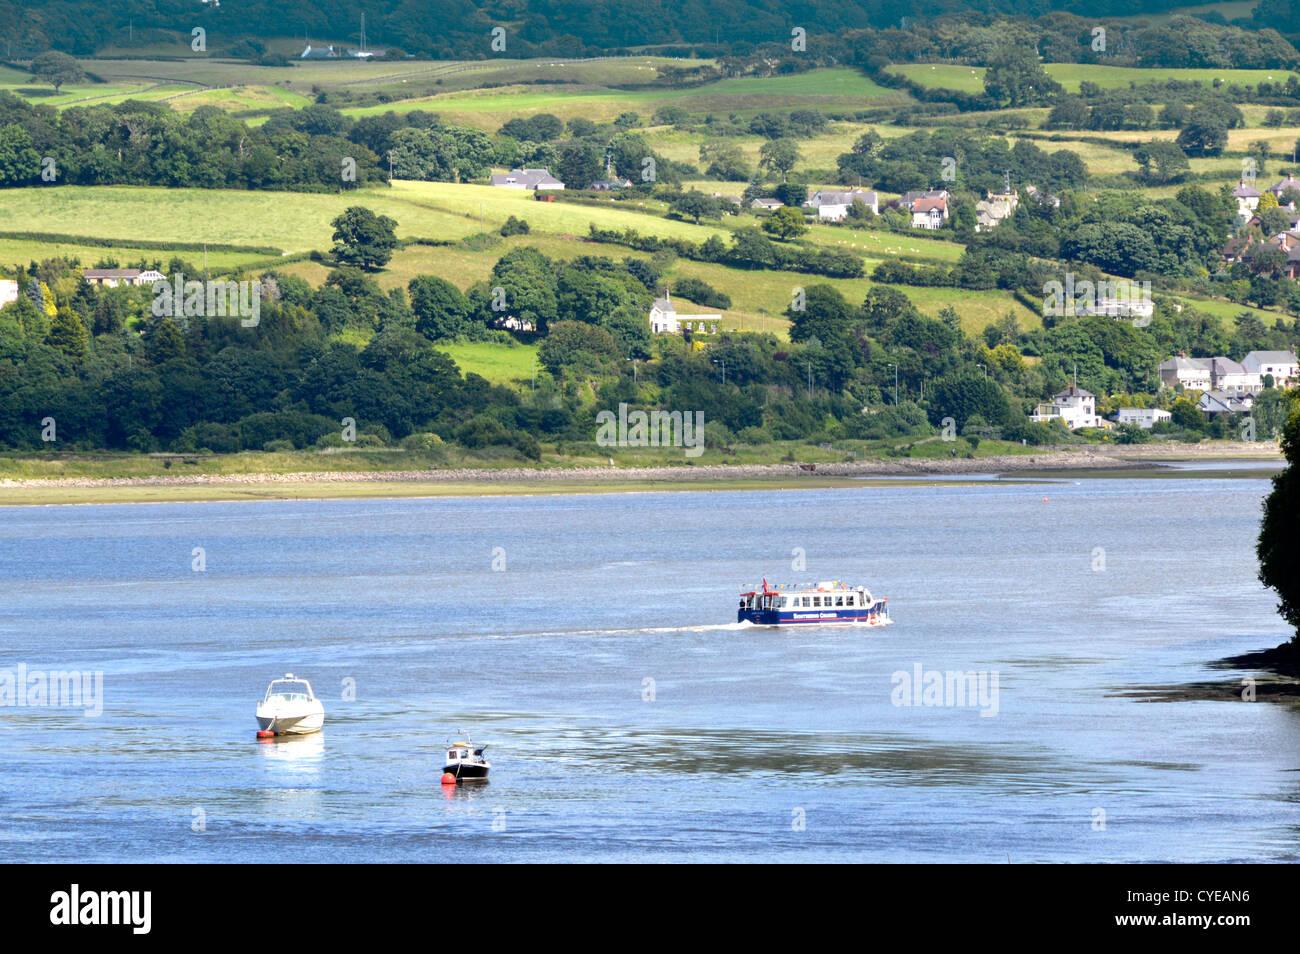 Sightseeing Kreuzfahrt Boot leitet die Conwy Valley nach Verlassen Conwy Kai Clwyd North Wales UK Stockbild